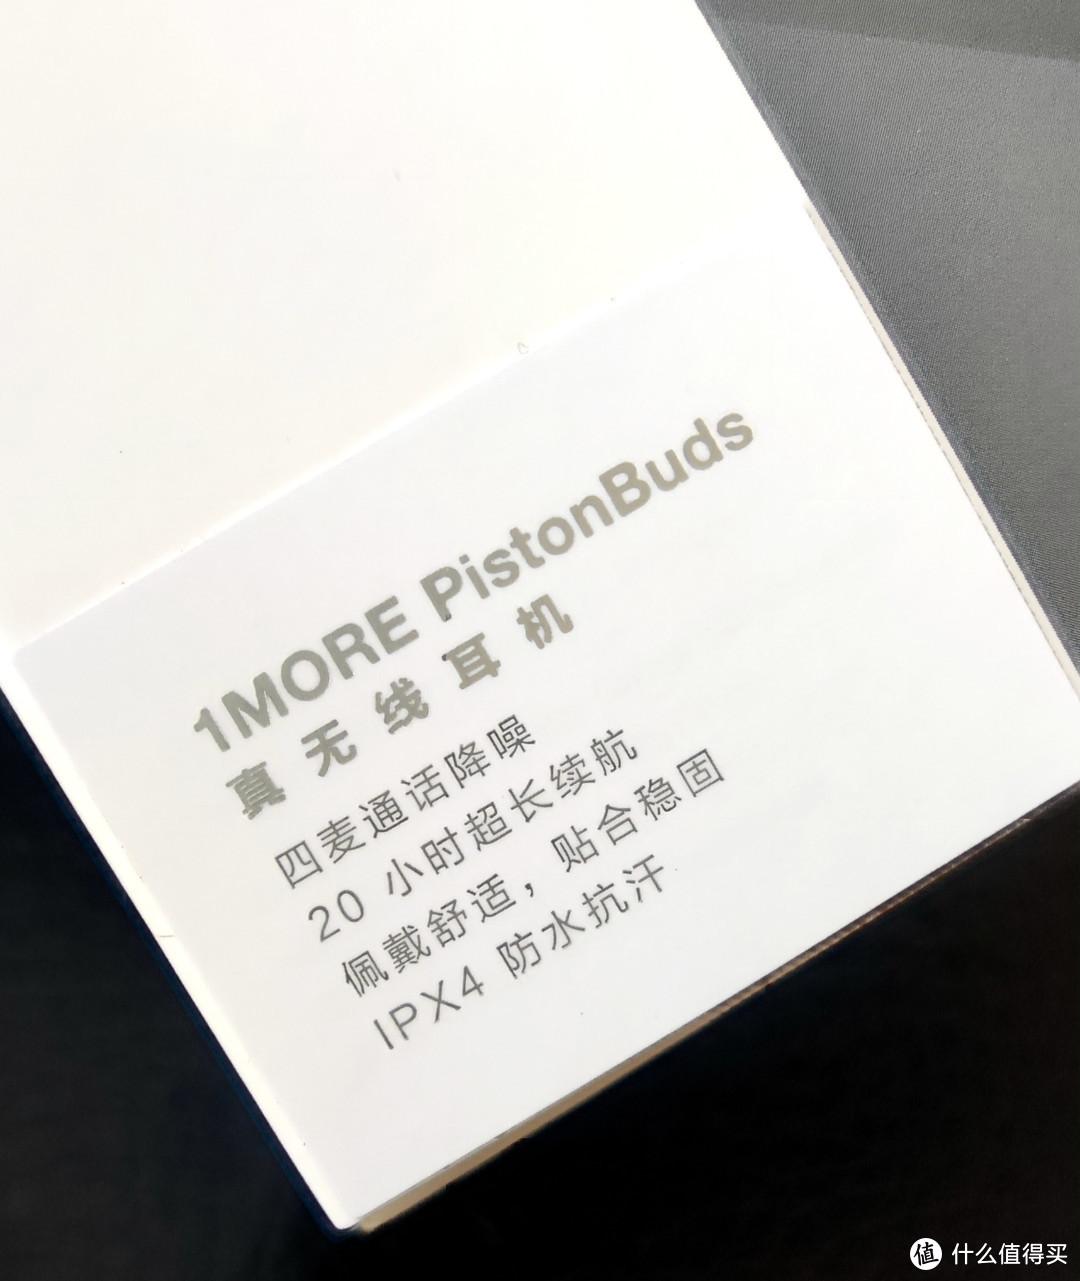 1MORE PistonBuds,技术的进步、国产品牌的进步